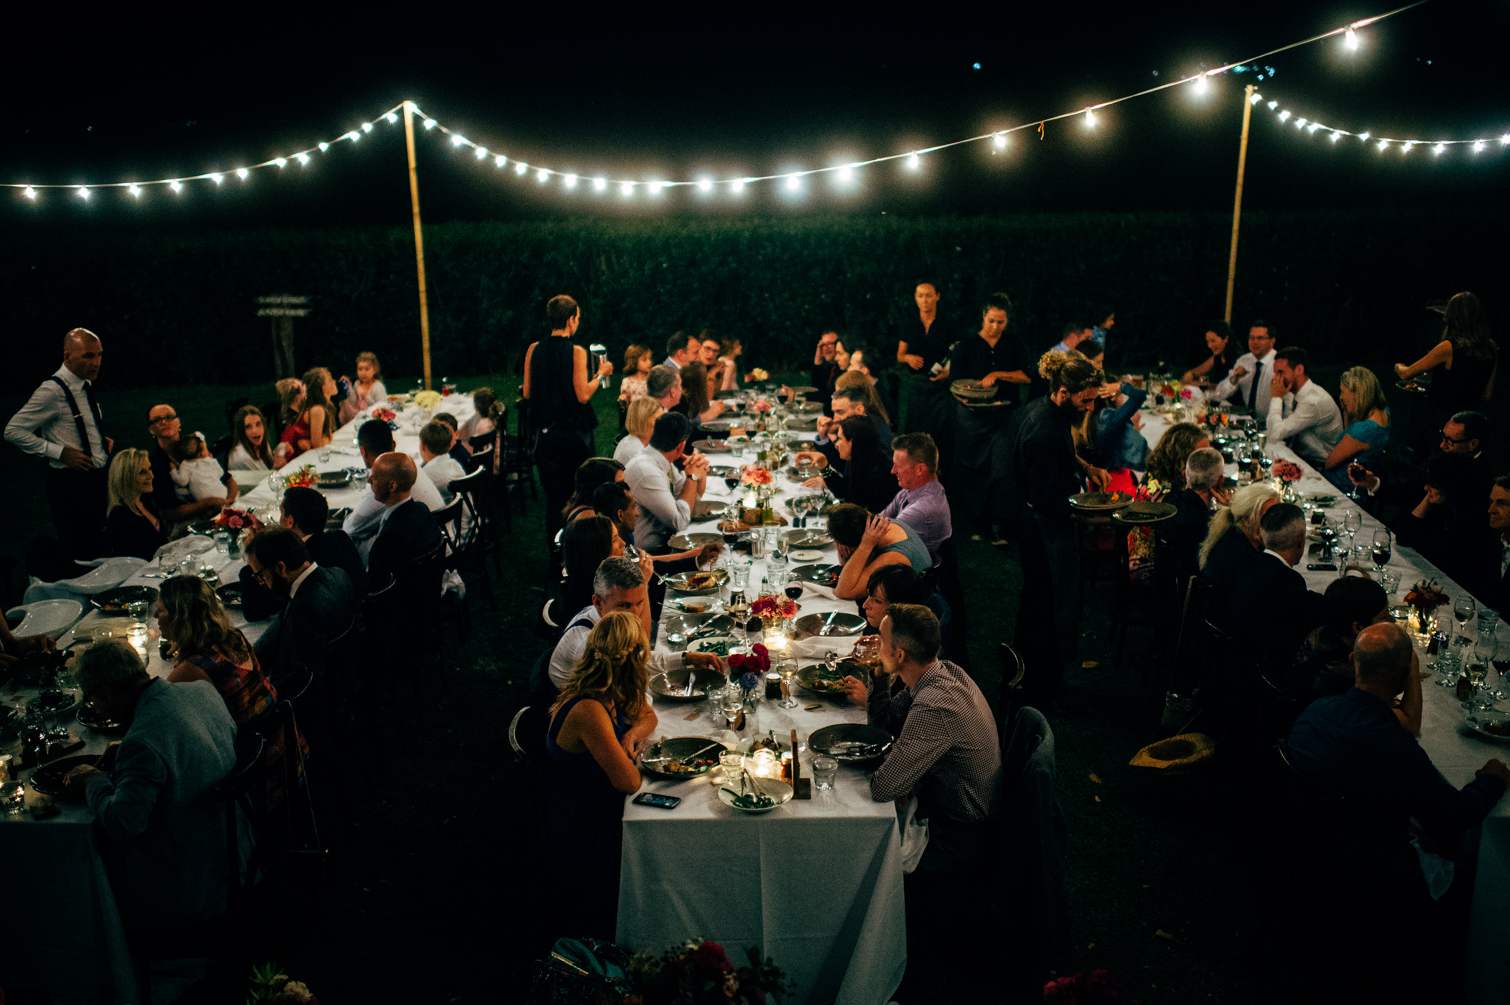 Byron_Bay_Figtree_Restaurant_Wedding_Venue-73.jpg